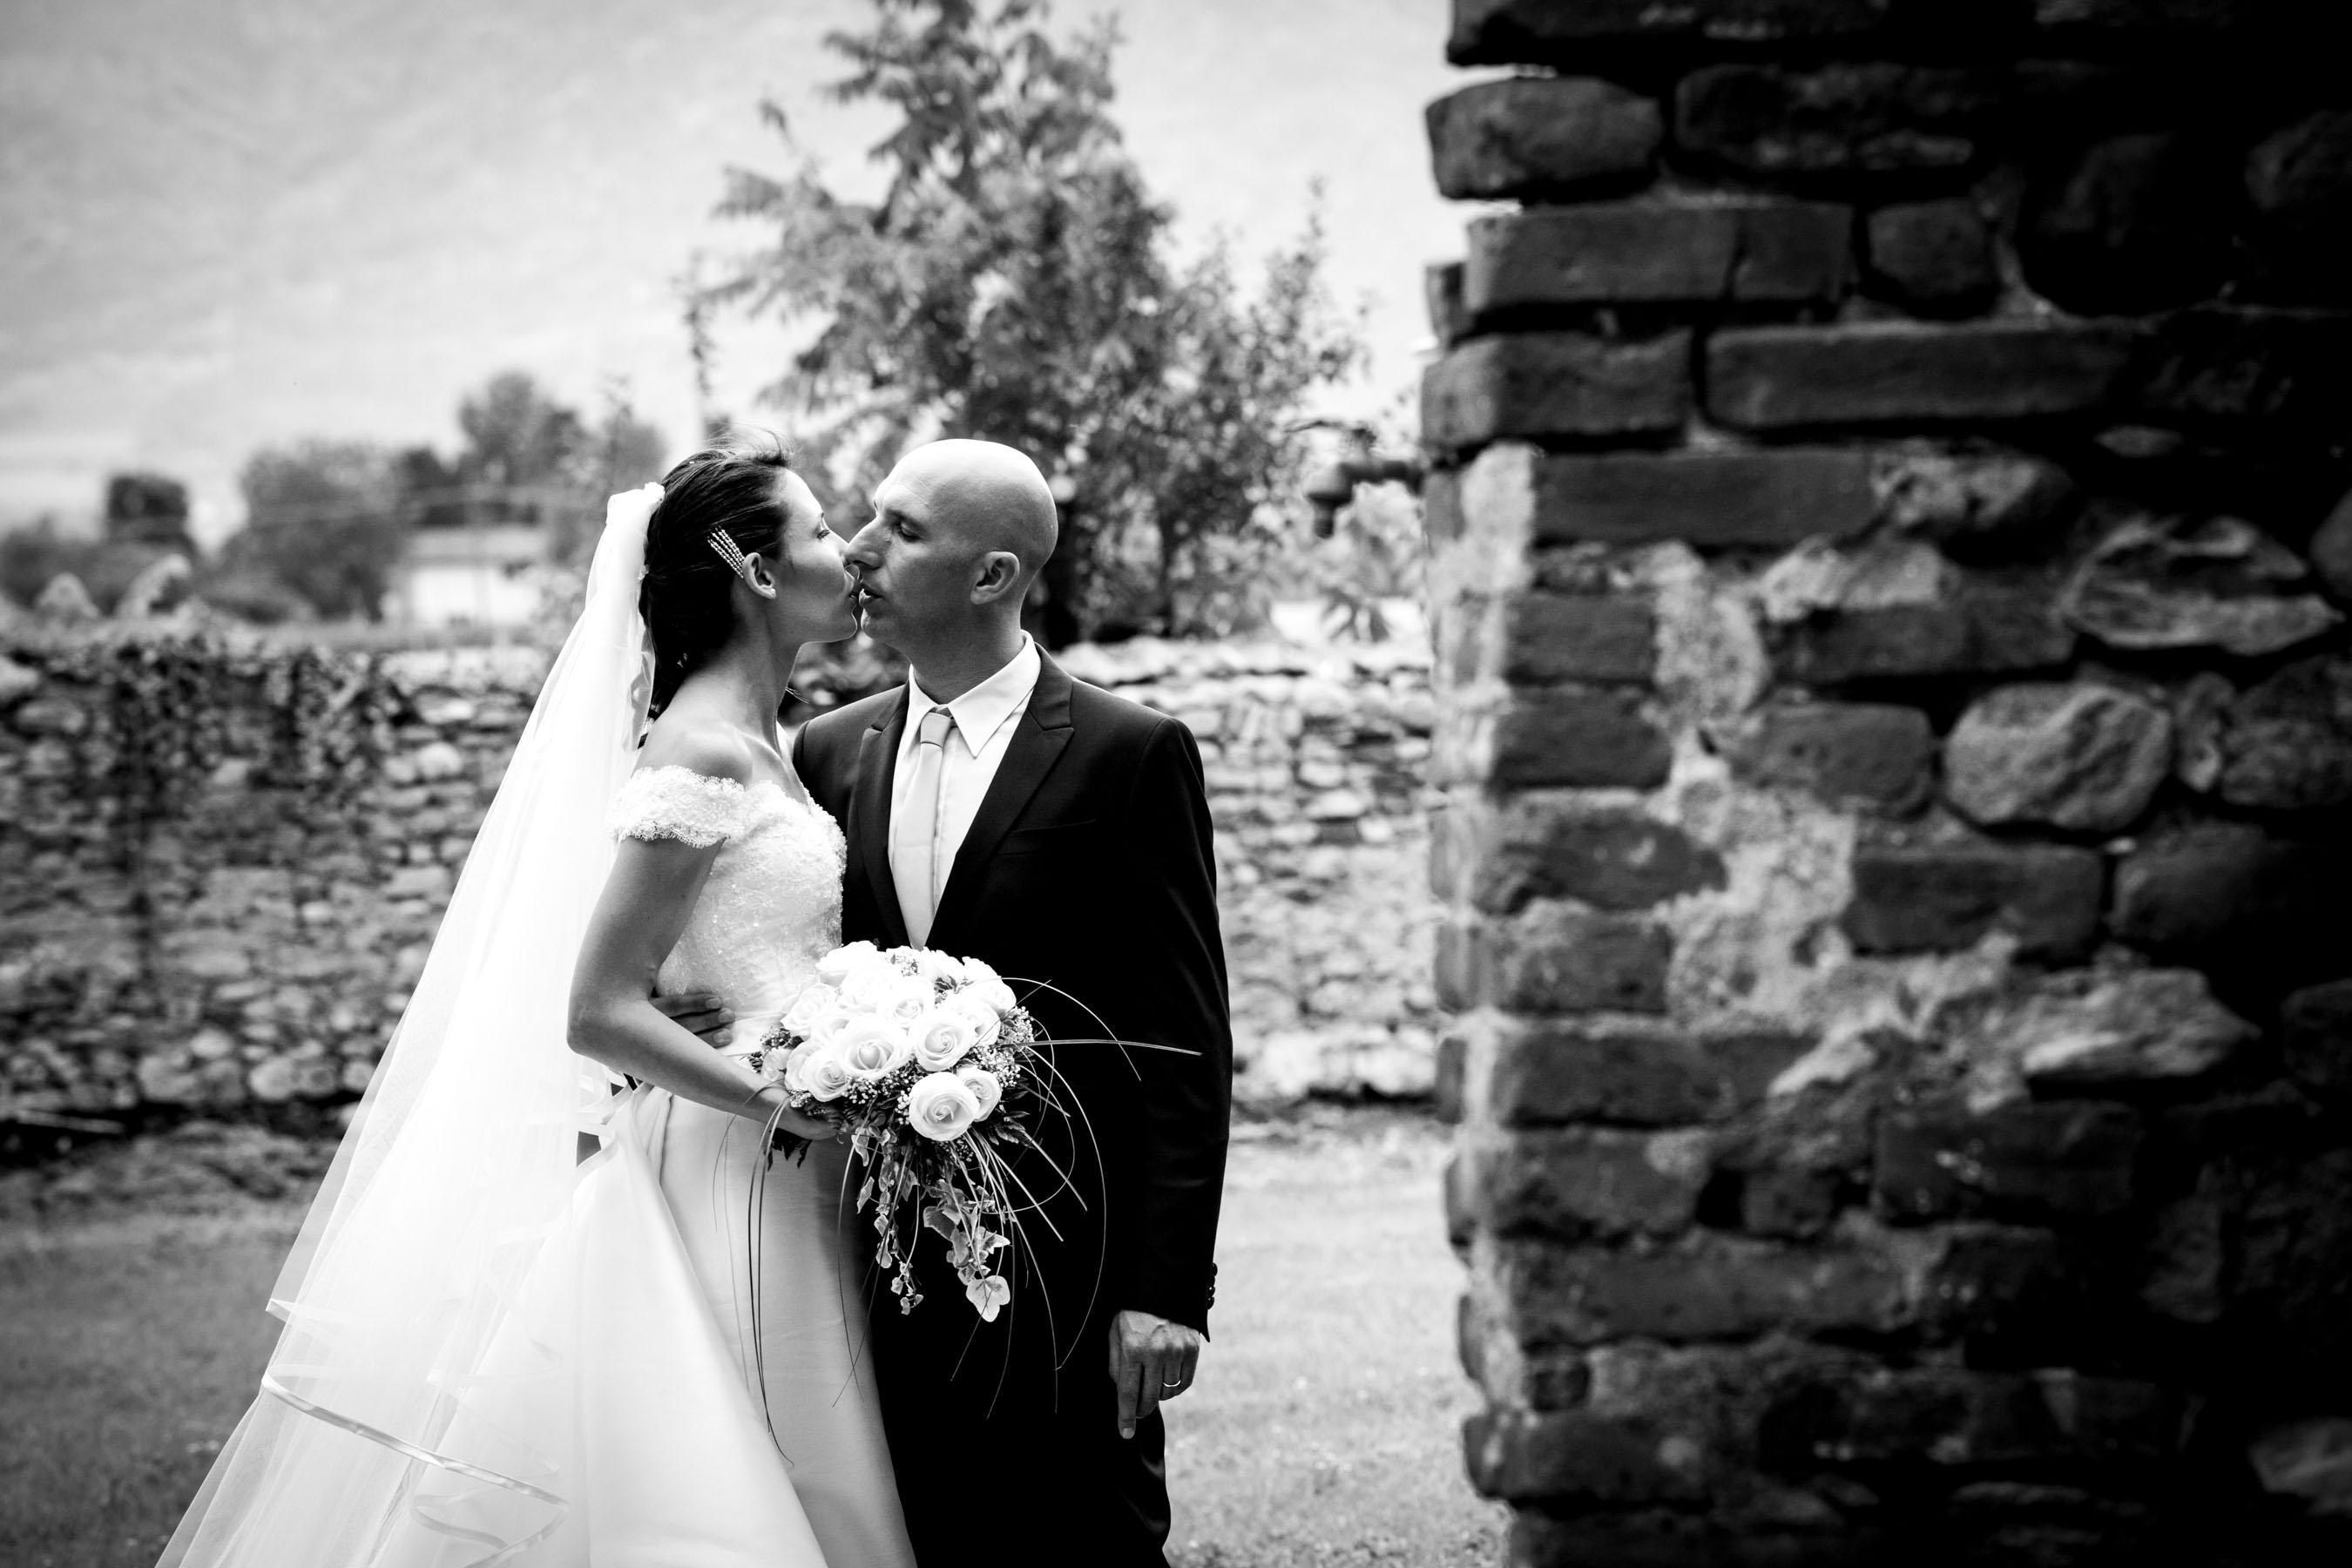 art foto_torino_monica sica photography_la vià _cavour_ fotografo matrimonio_torino-42